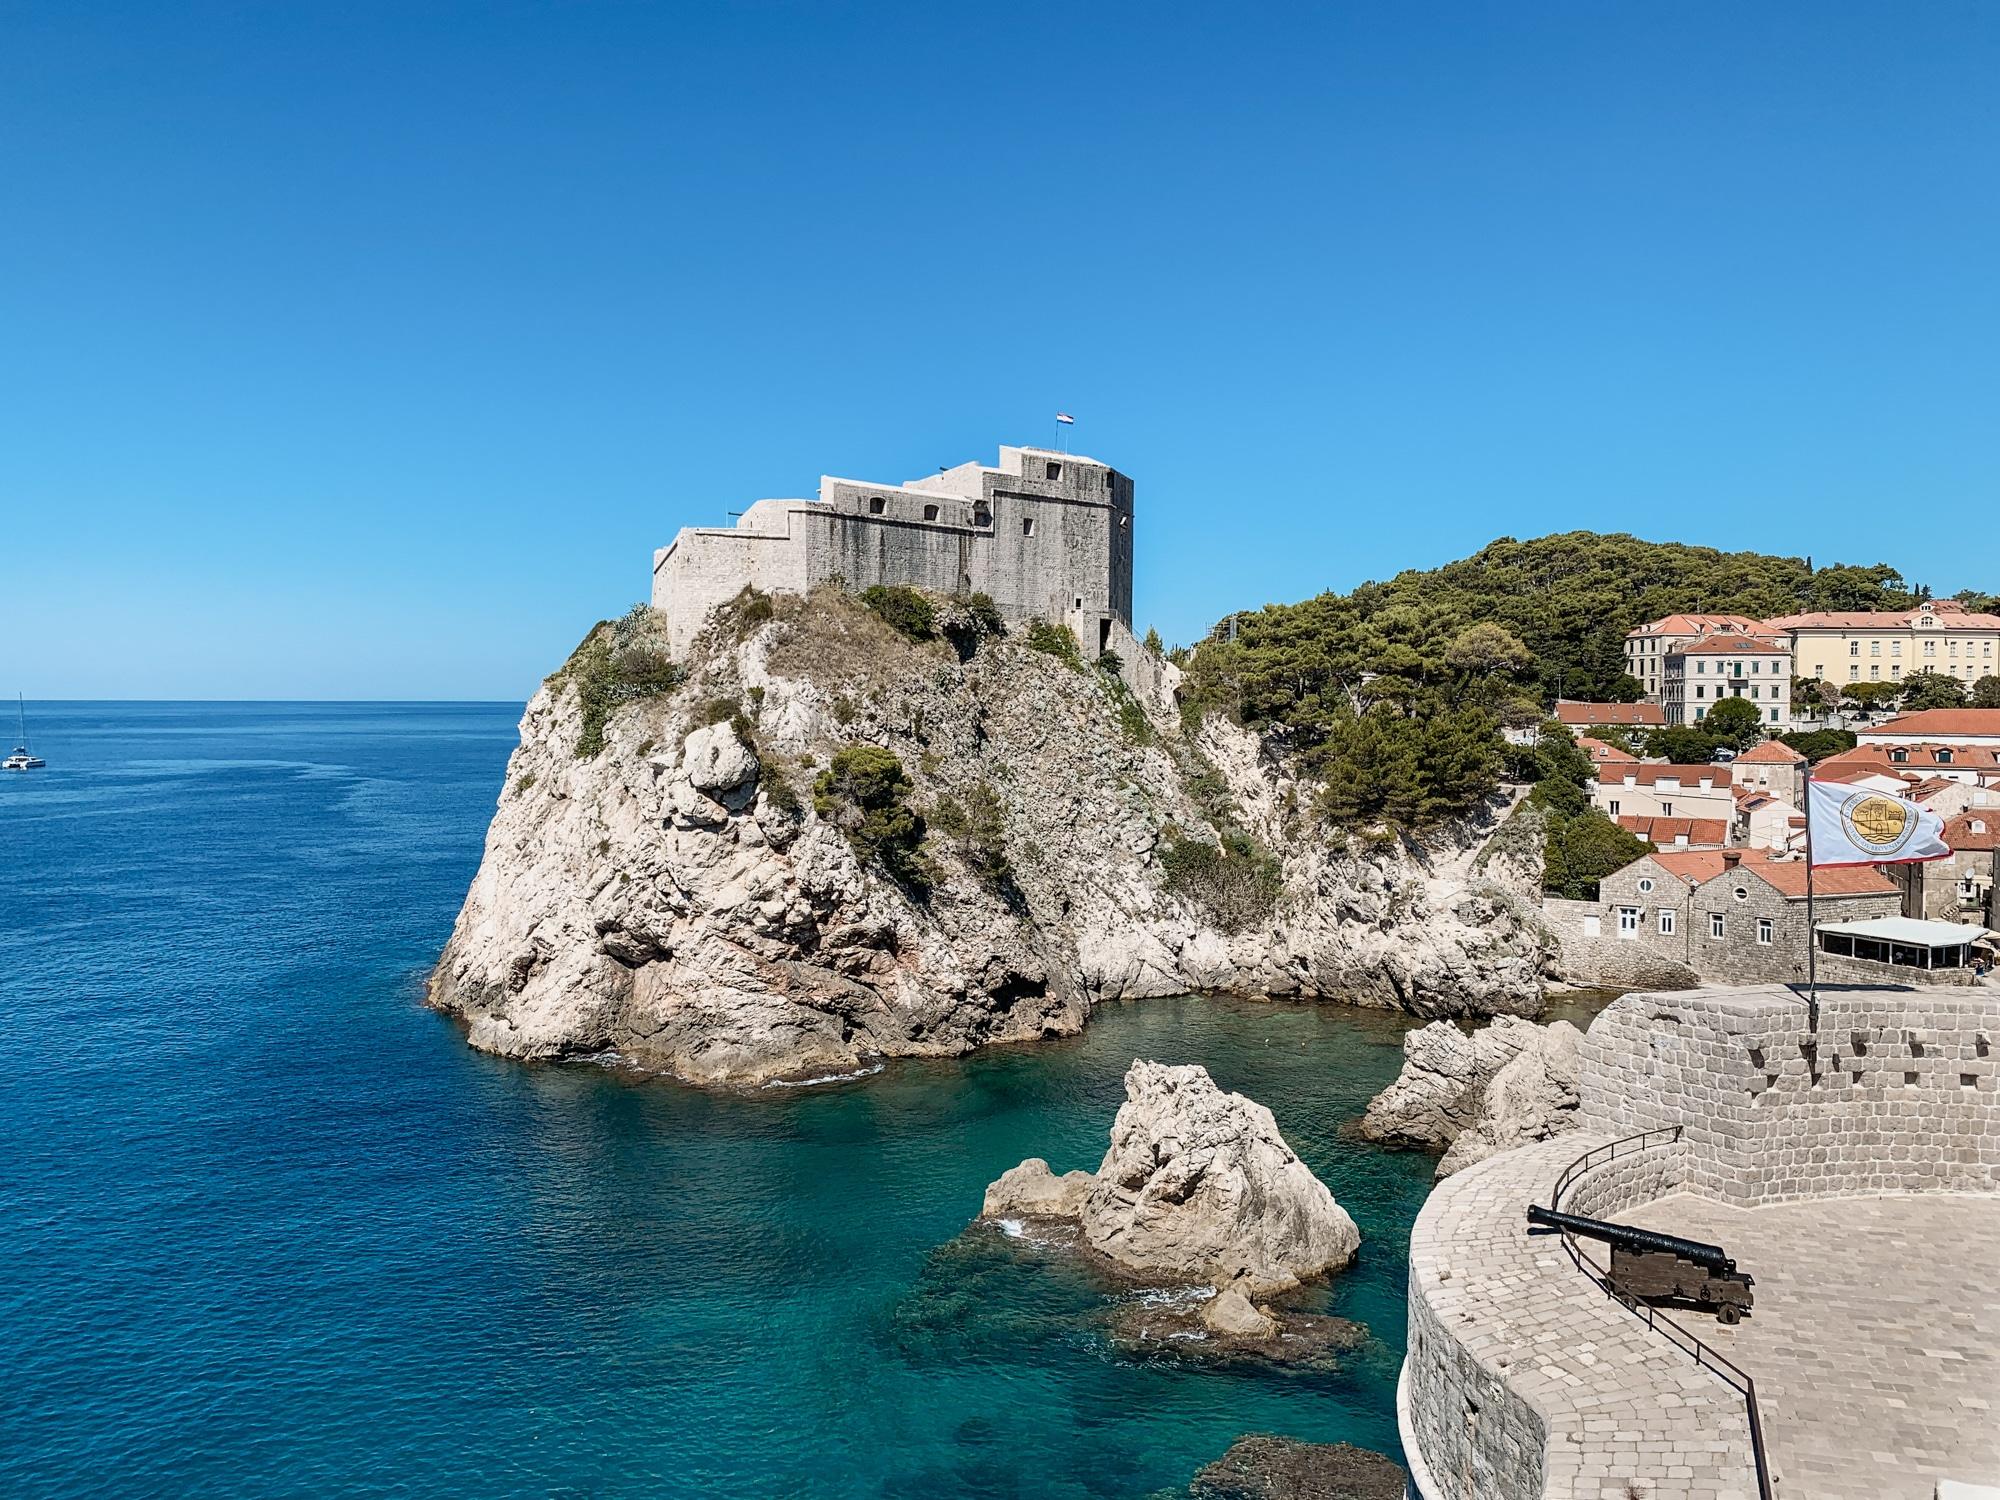 Dubrovnik Sehenswürdigkeiten Top 10: Meine Highlights und Tipps - Tvrwava Lovrijenac Festung